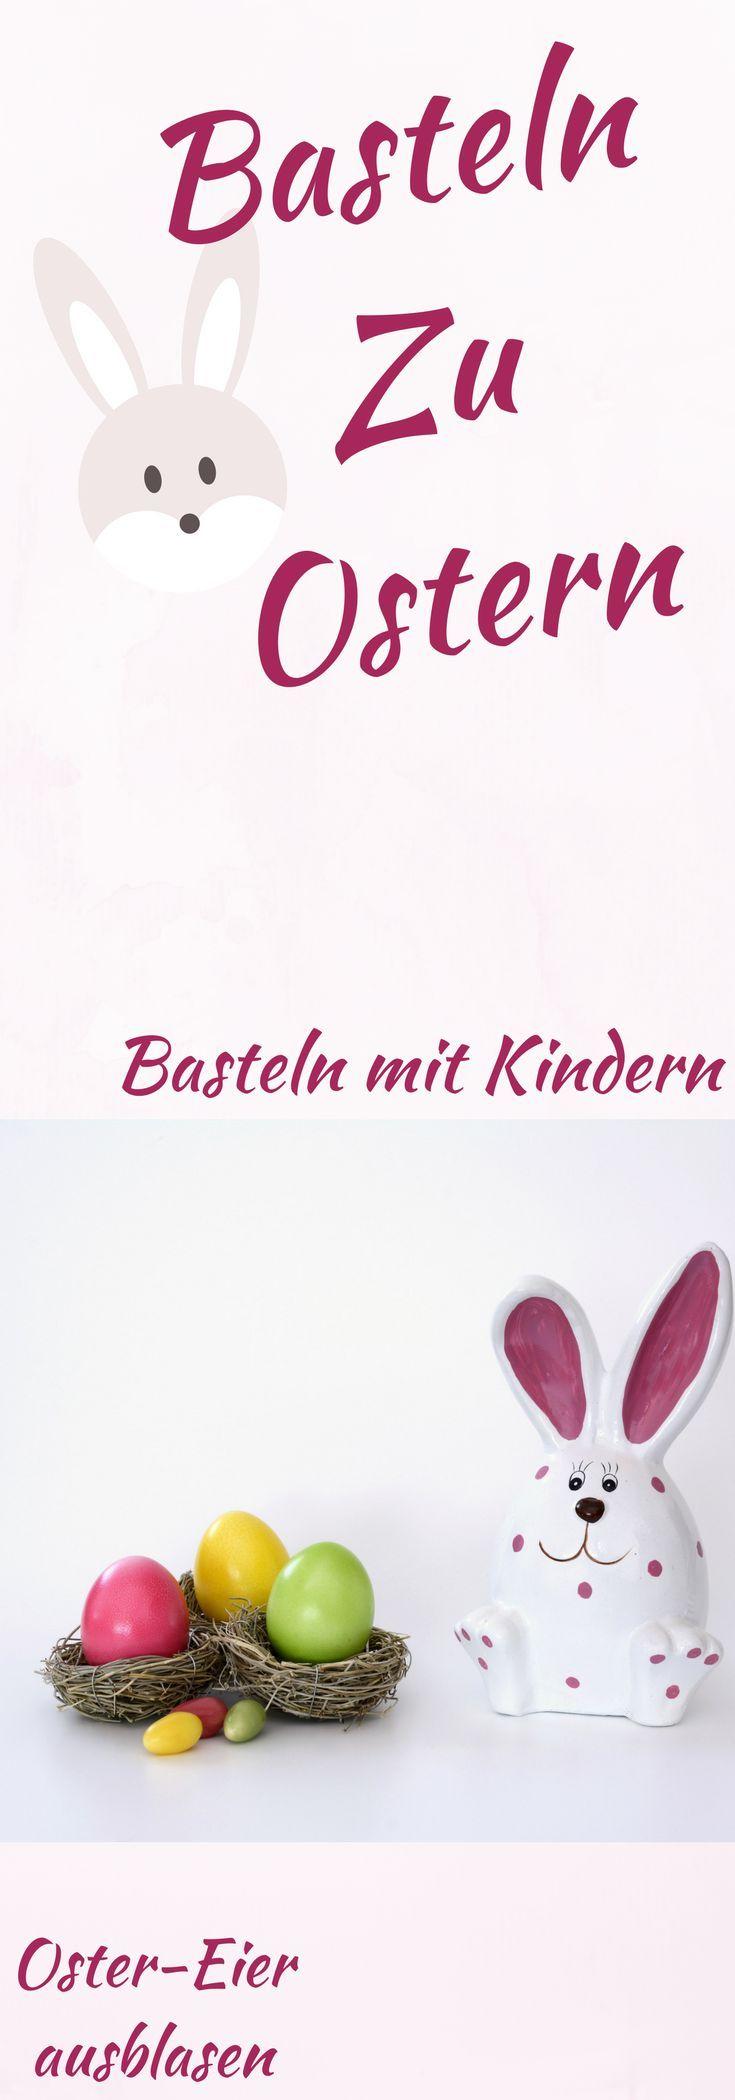 Basteln zu Ostern, DiY Ostereier ausblasen und bemalen mit Kindern. #mama #diy #ostern #kinder #familie